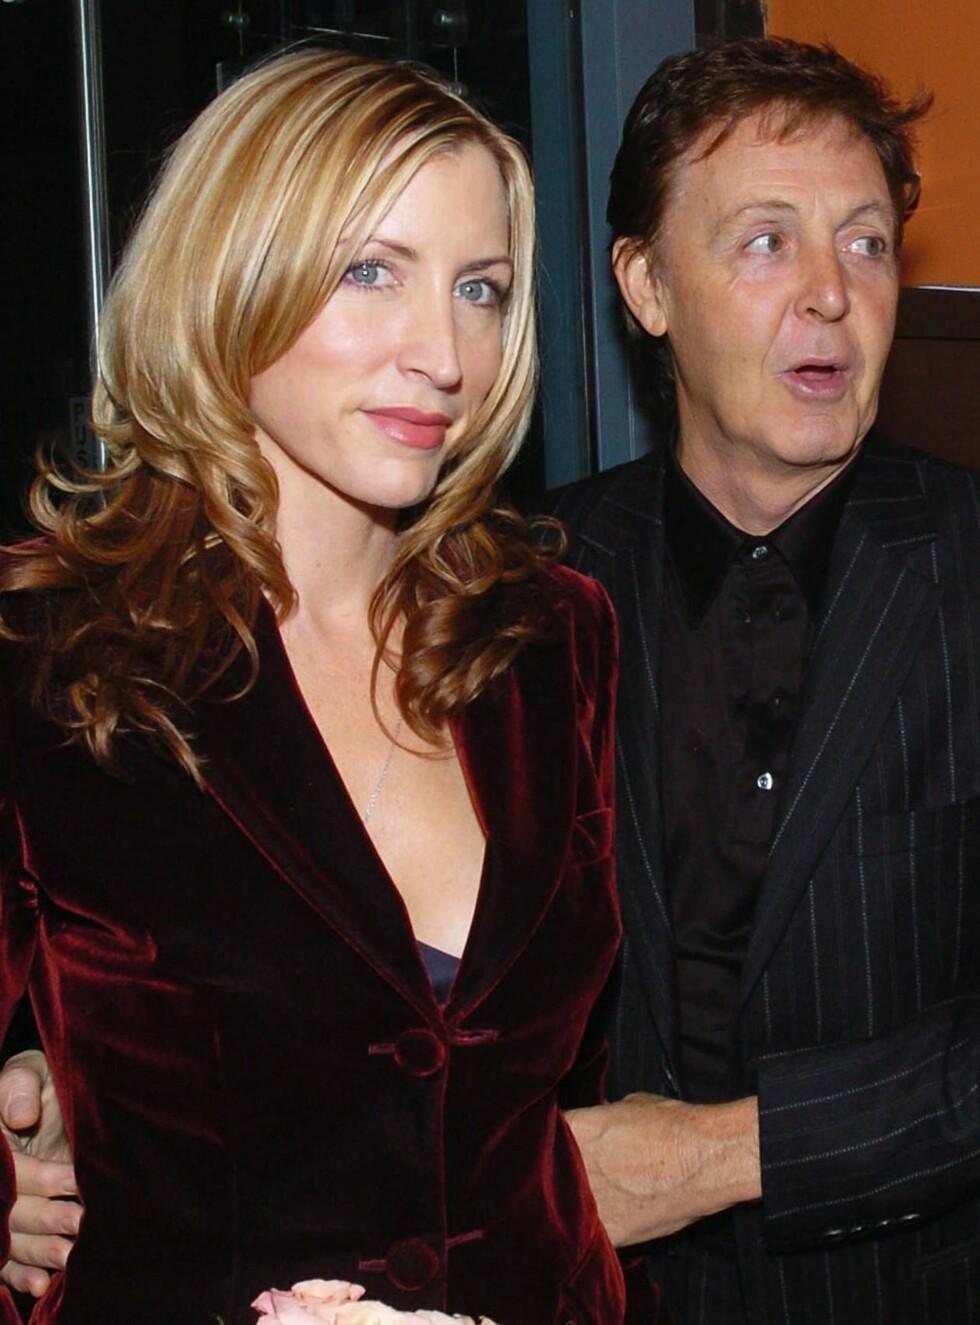 PÅ EGNE BEN: Heather Mills er forsøker seg på en karriere i TV etter den stormfulle separasjonen fra Paul McCartney. Foto: All Over Press